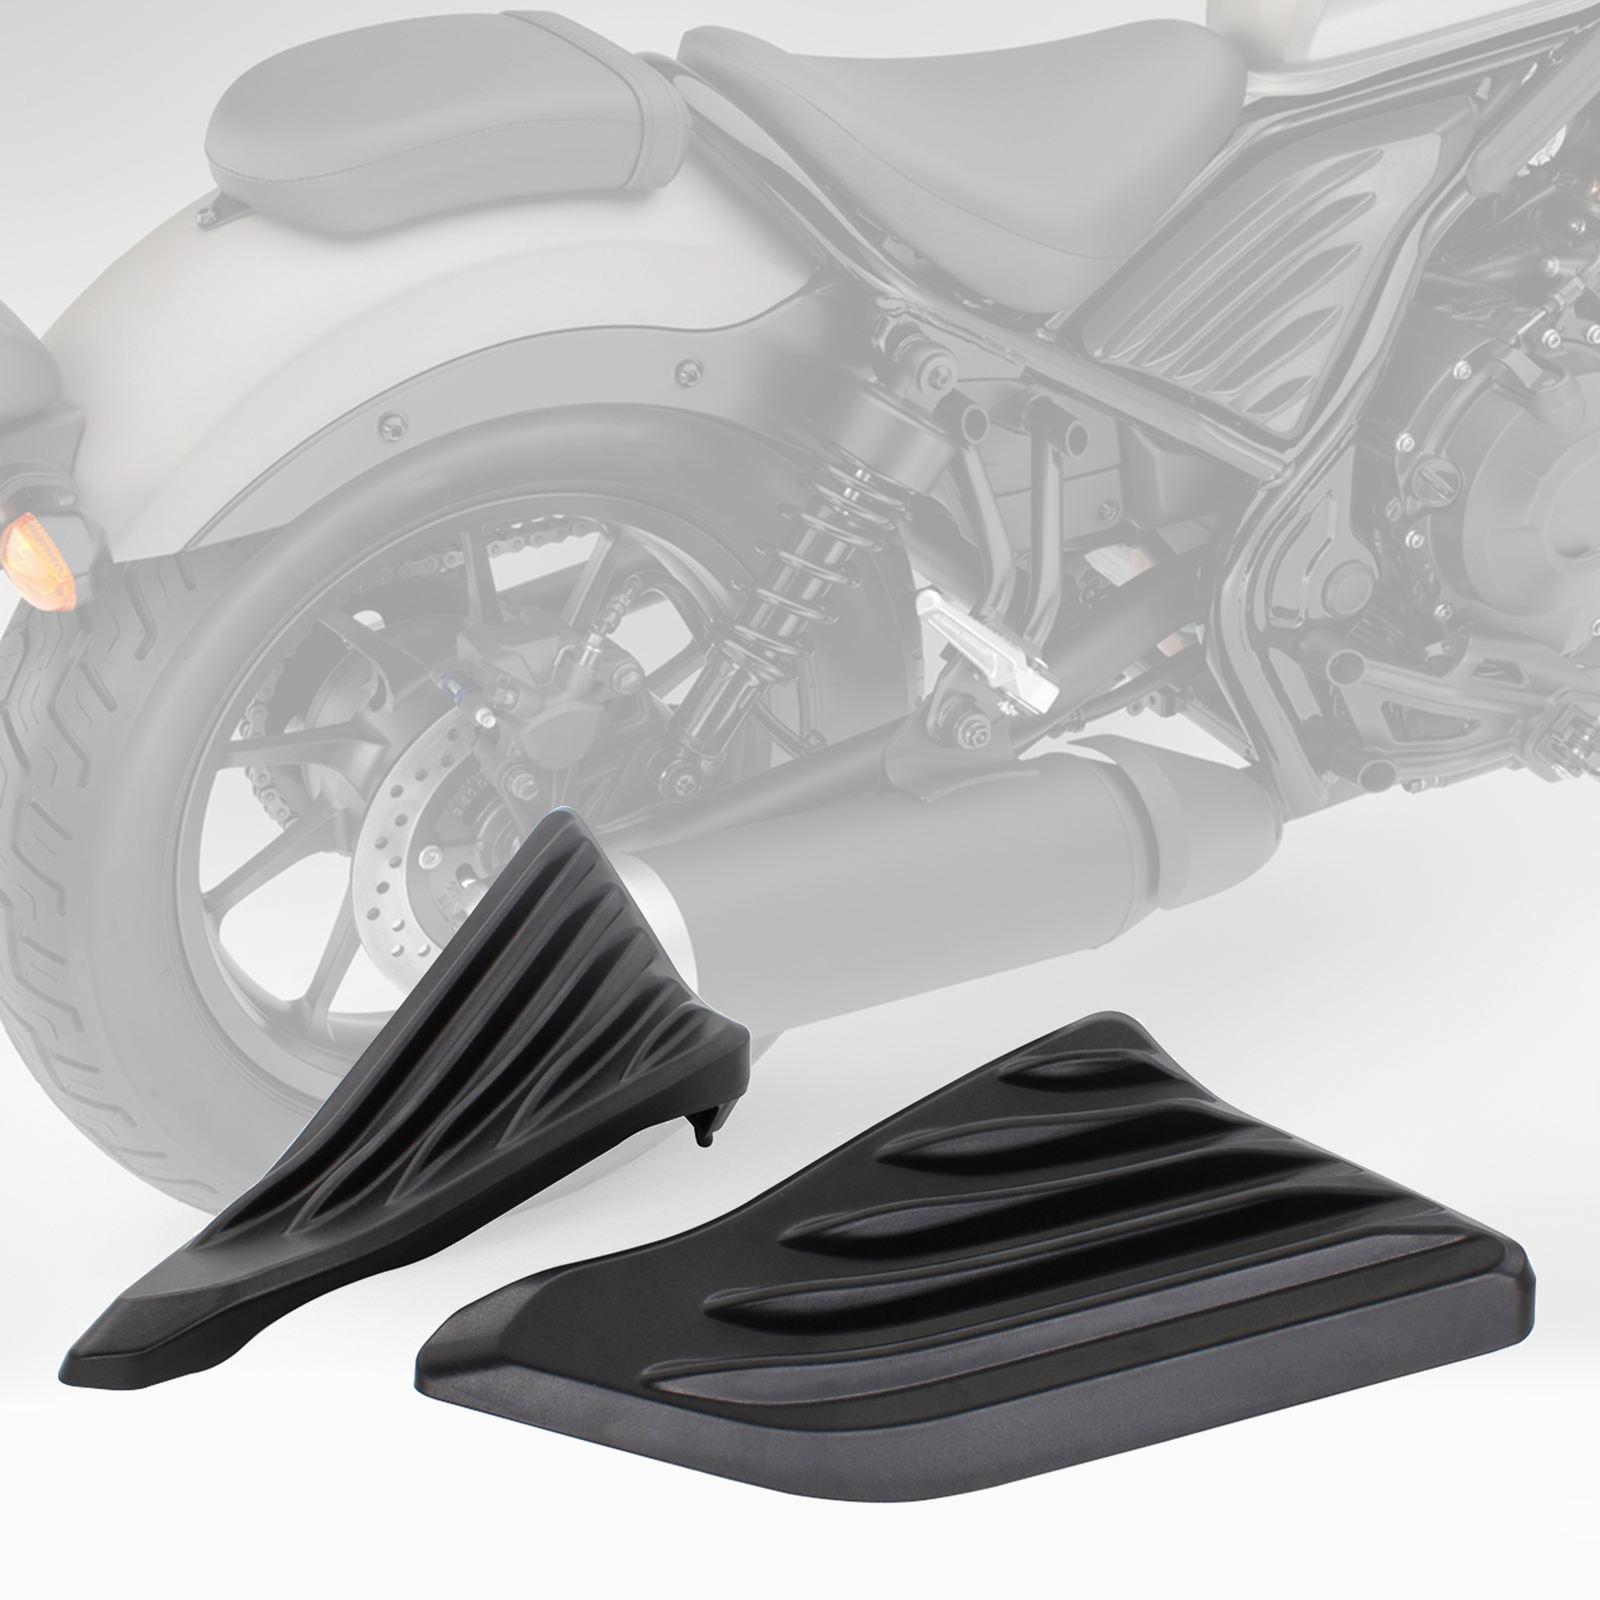 مجموعة من 2 الدراجات النارية الجانب محرك الحرس Fairings منتصف غطاء إطاري صب الملحقات لهوندا CMX 300 500 CMX300 CMX500 17-21